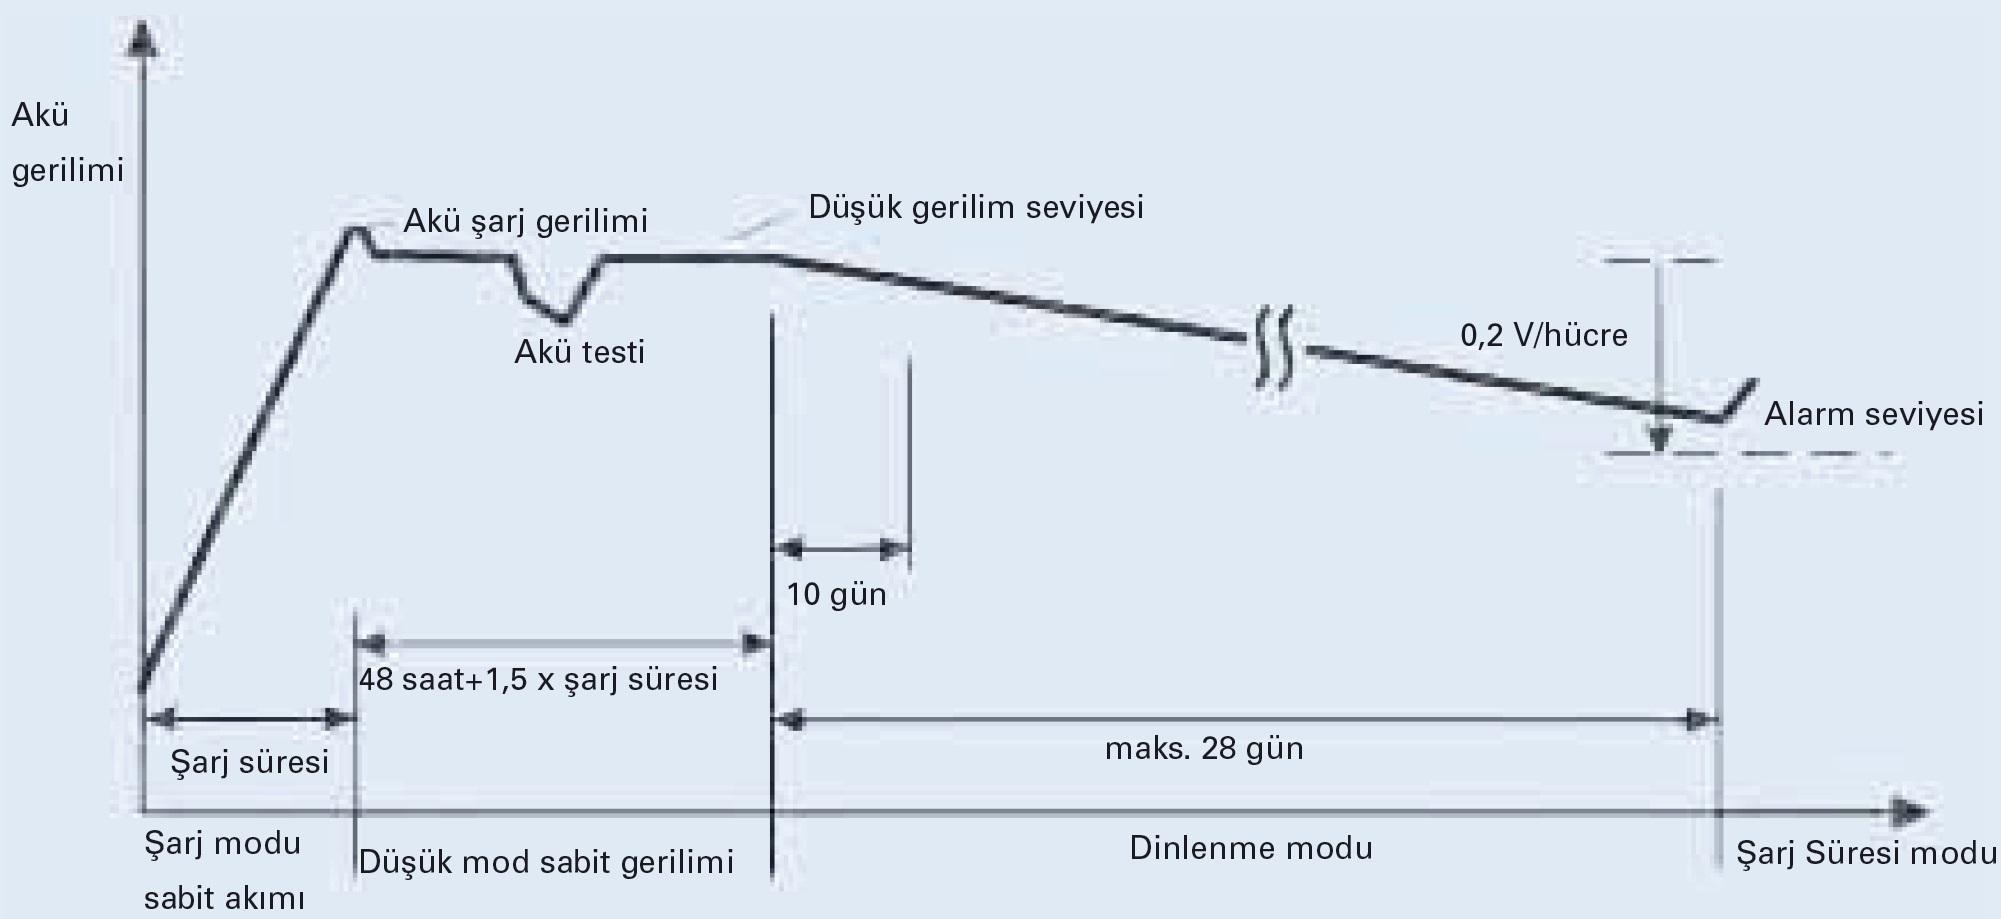 Katlama voltajı: özellikleri ve çalışma prensibi